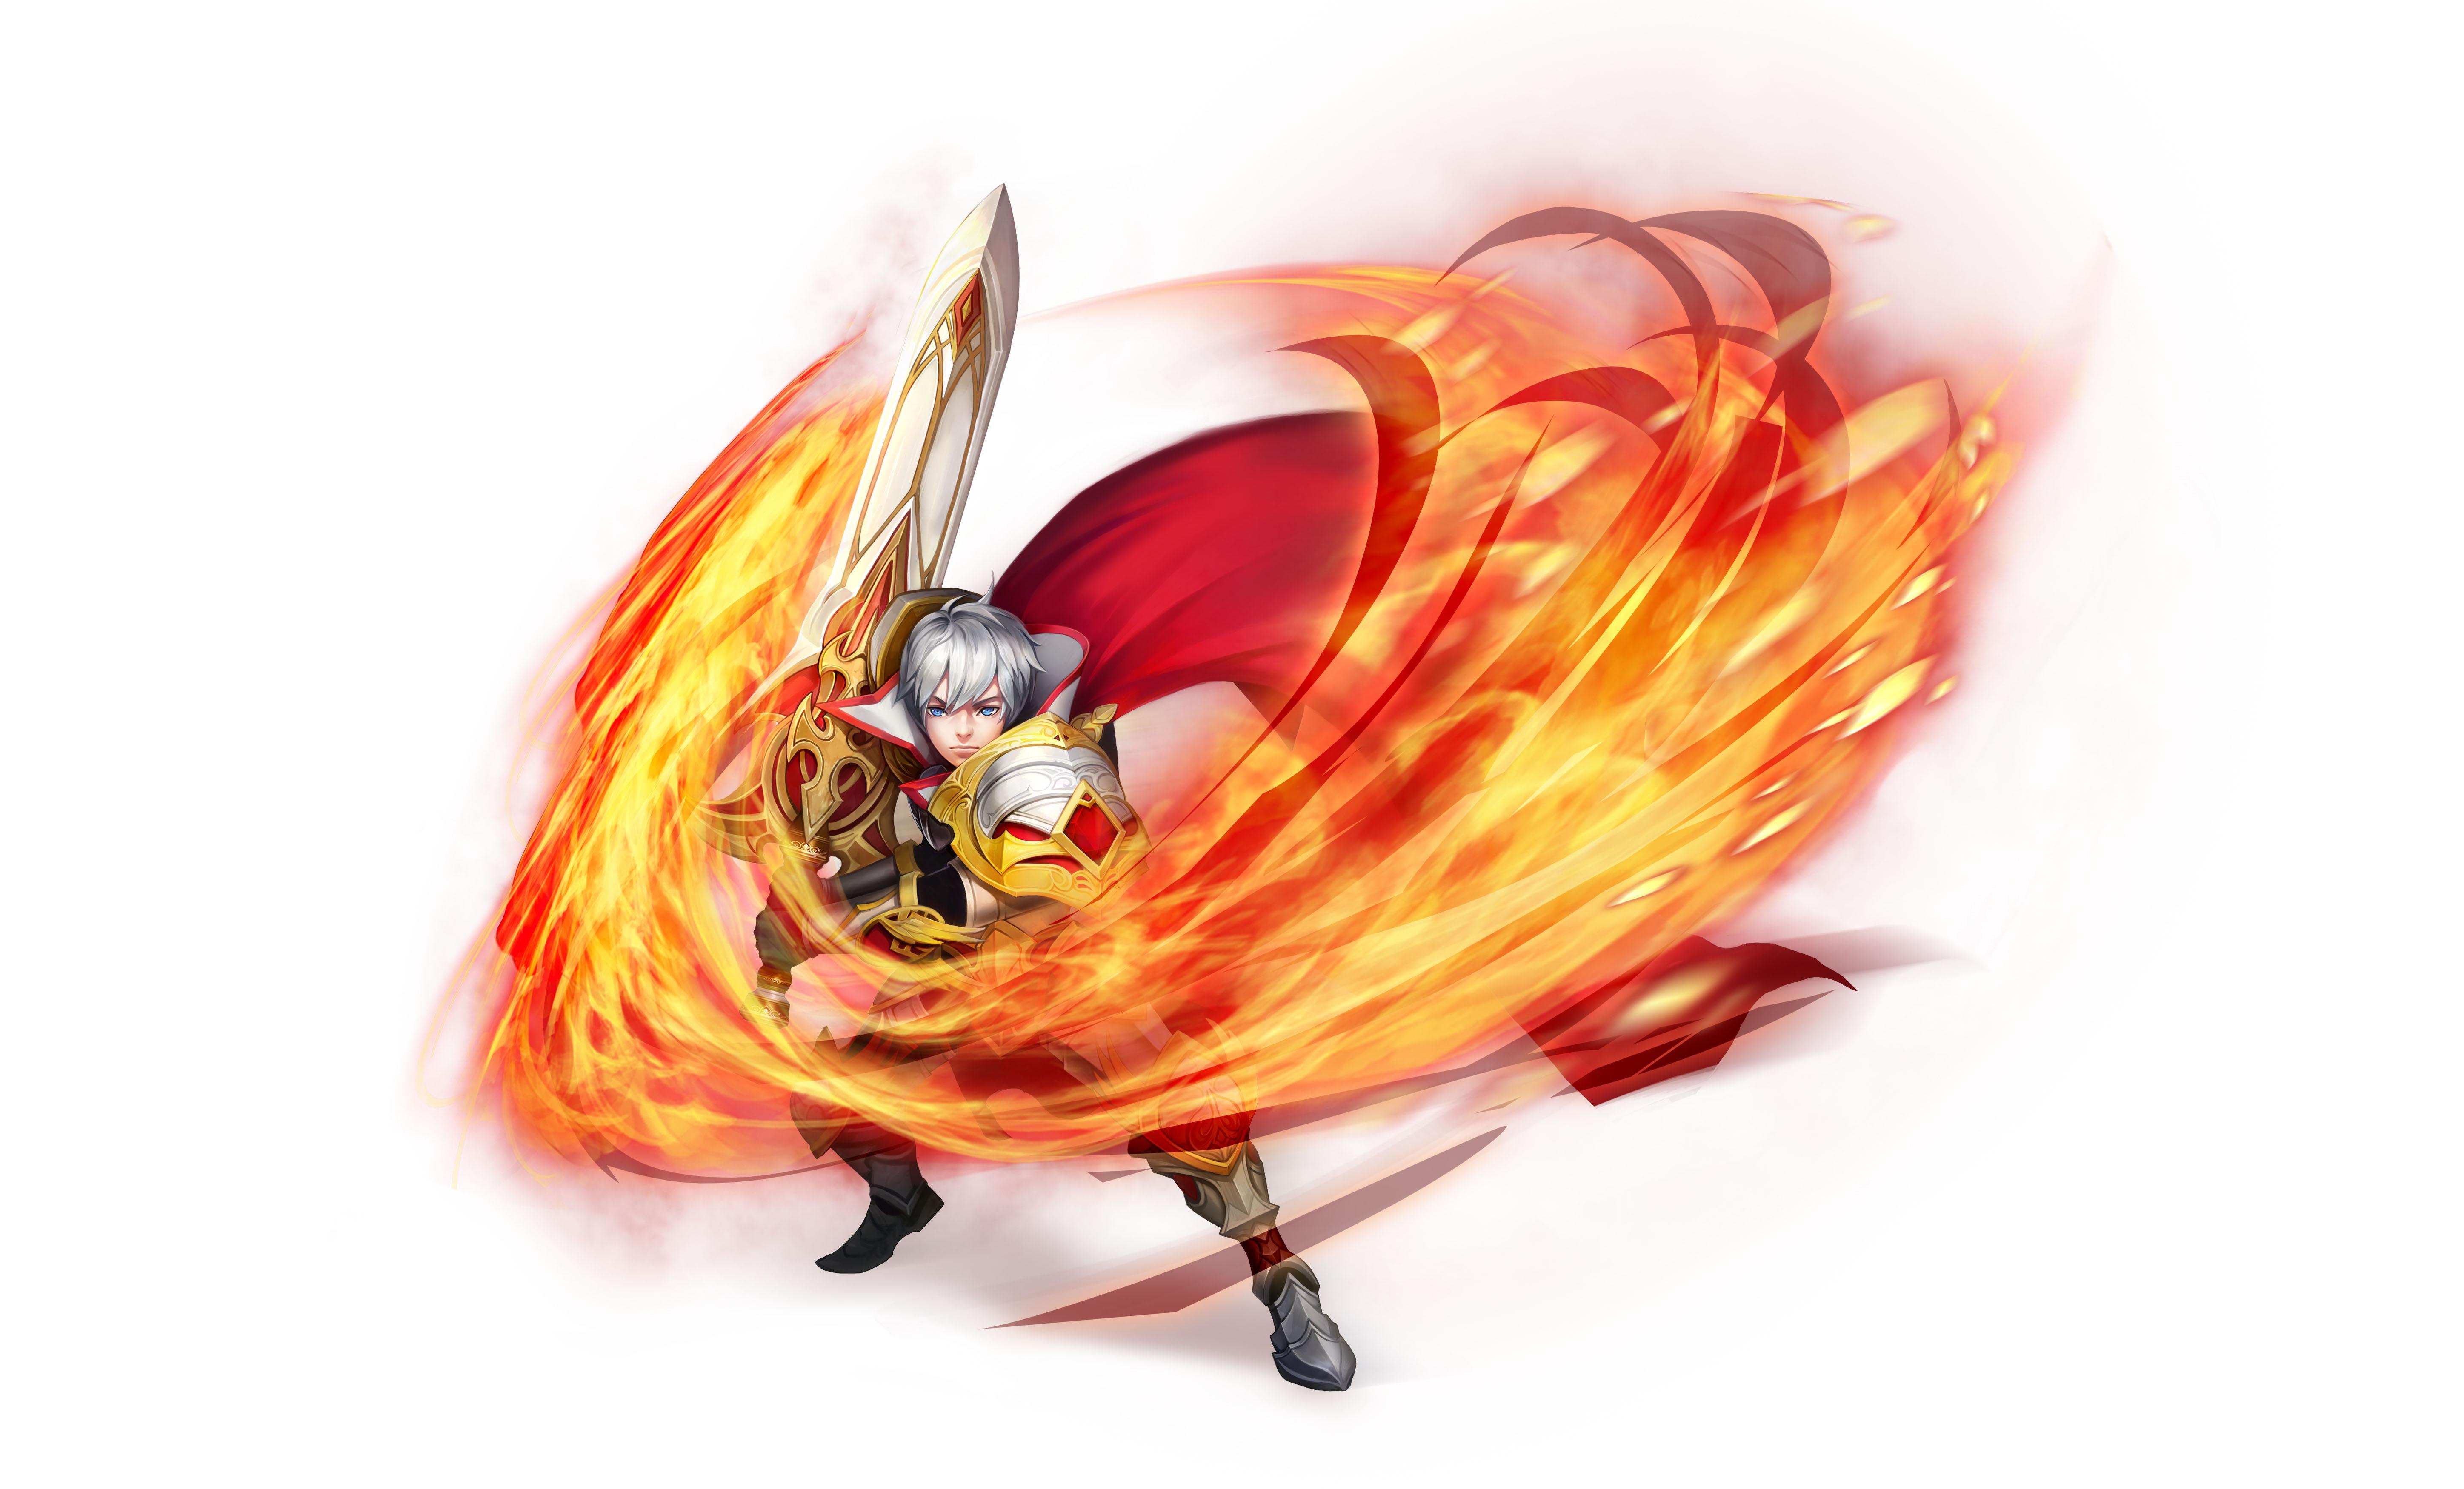 [Tân Thủ] Chức Nghiệp Chiến Sĩ trong Kỵ Sĩ Rồng - Dragon Knights - 1